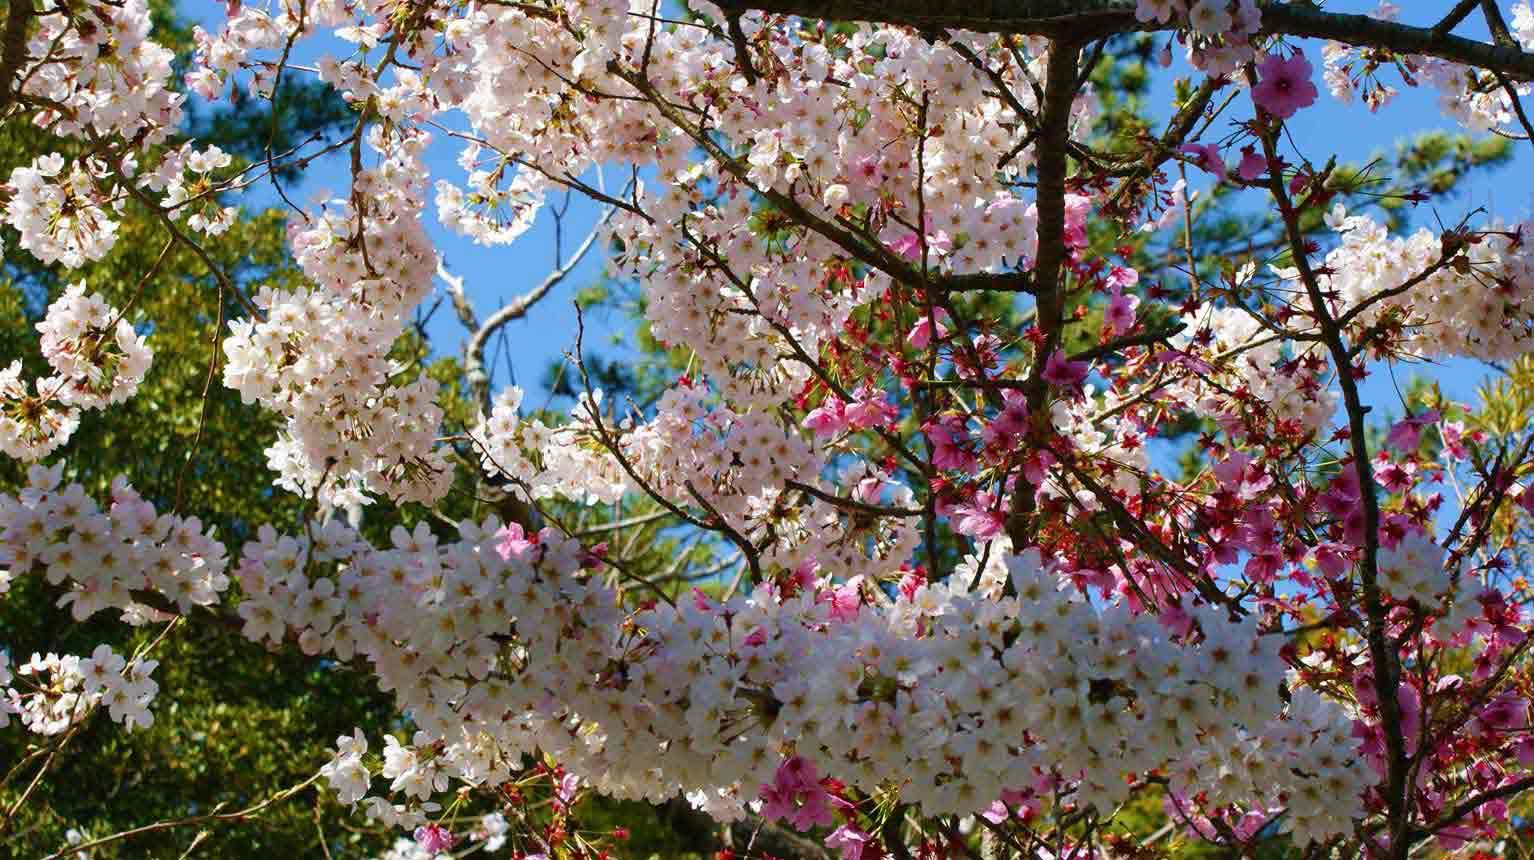 curly nomad asia japan pagoda sakura hanami cherry tree image